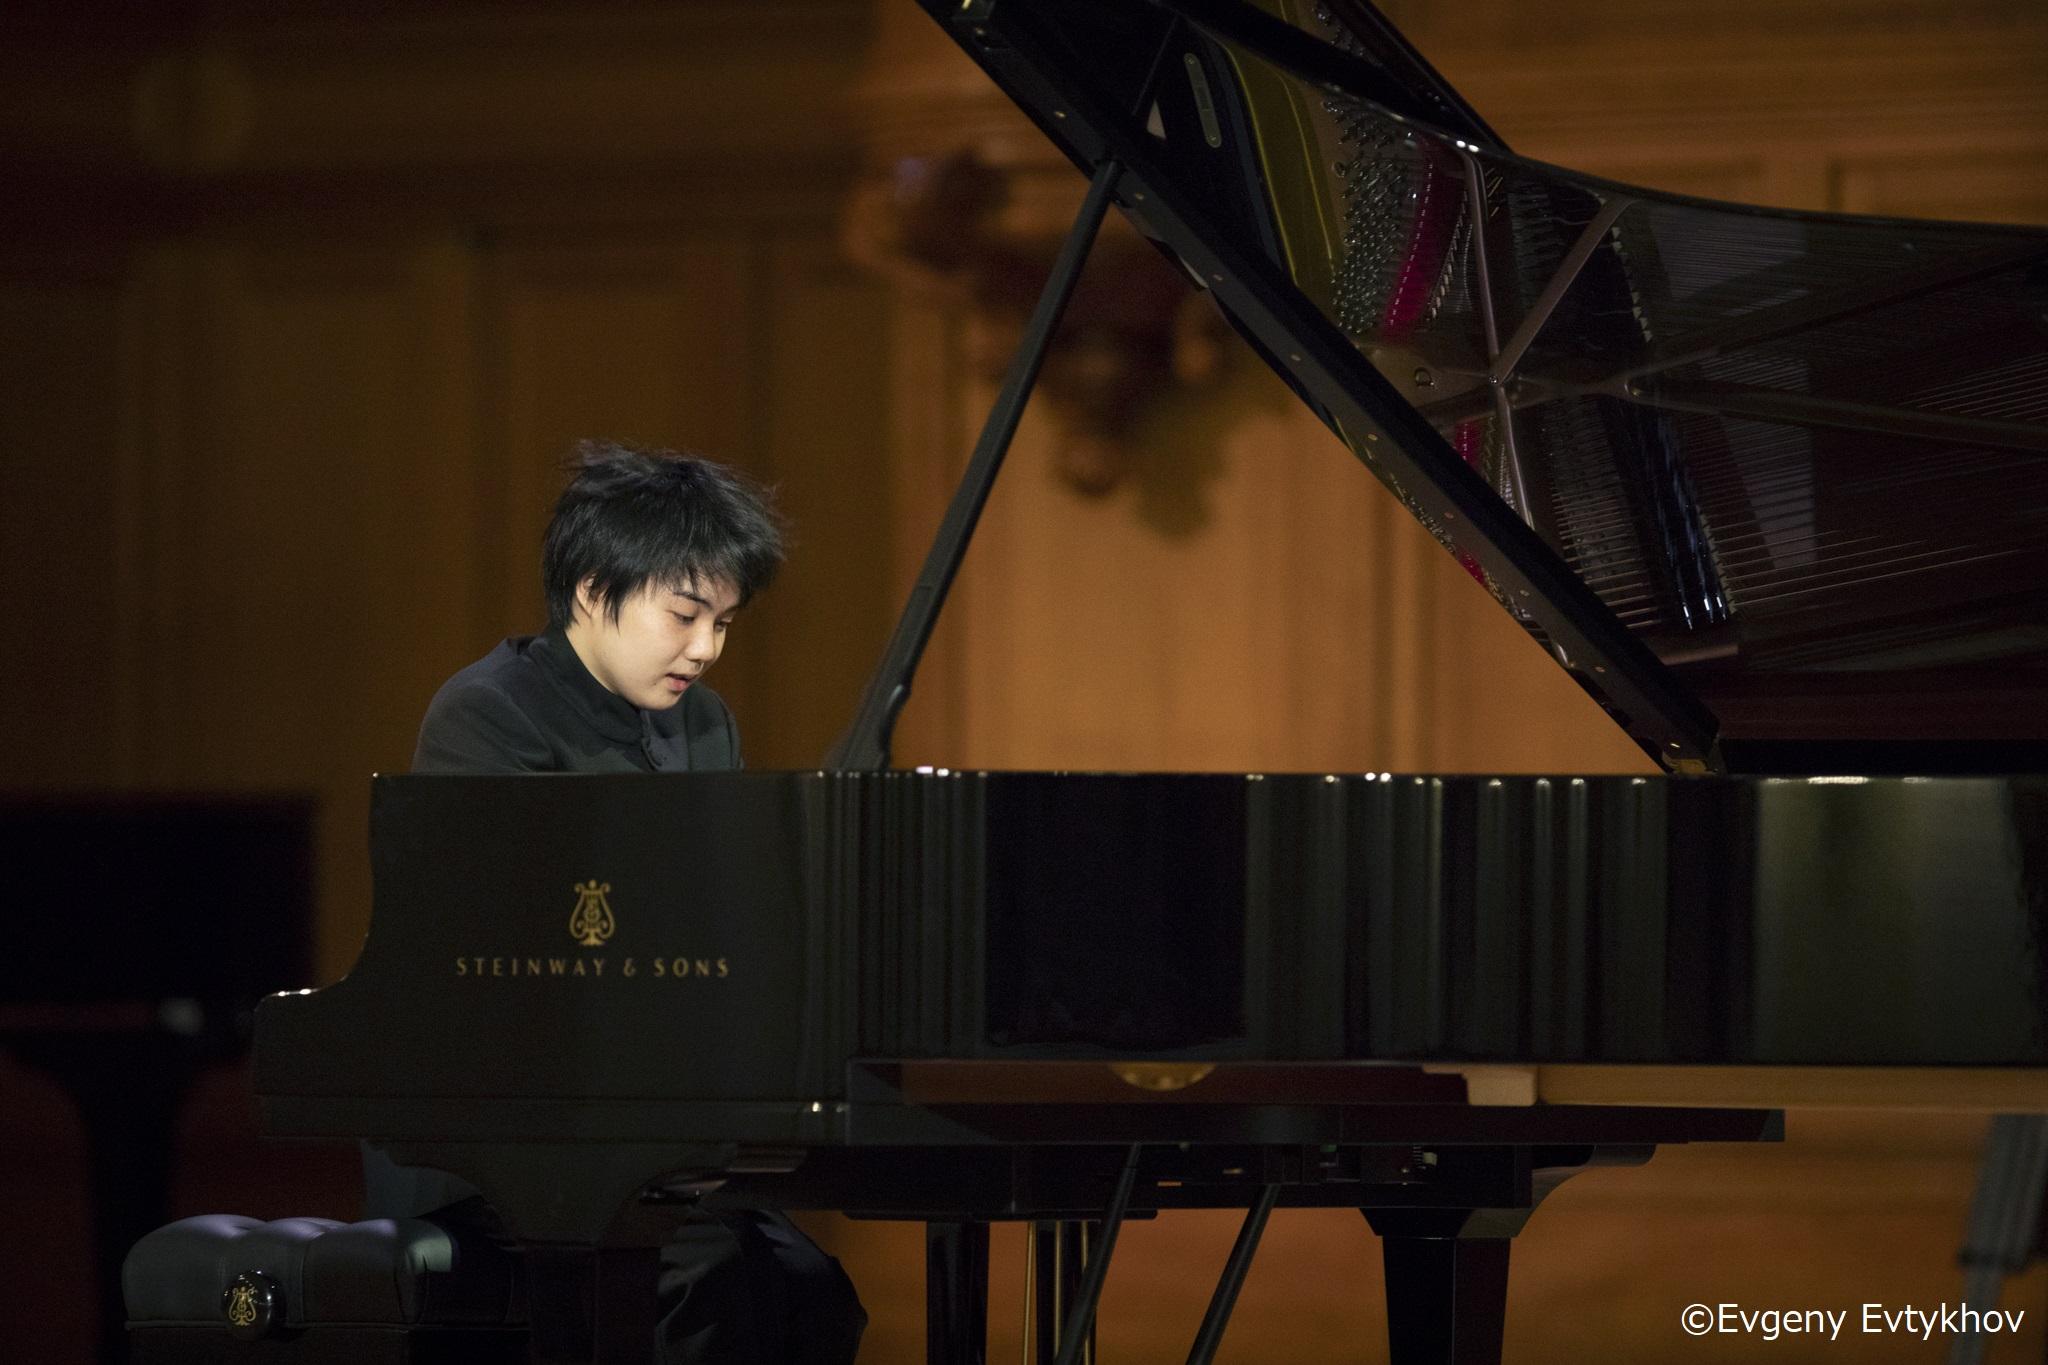 第16回チャイコフスキー国際コンクール ピアノ部門で、藤田真央さん(ピアノ演奏家コース・エクセレンス3年)が第2位を受賞しました